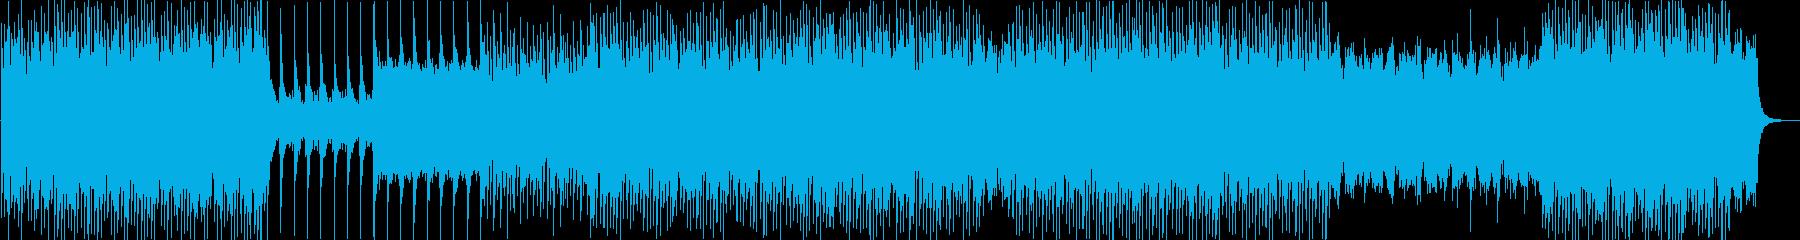 緊迫、クワイアが荘厳なラスボスのテーマの再生済みの波形